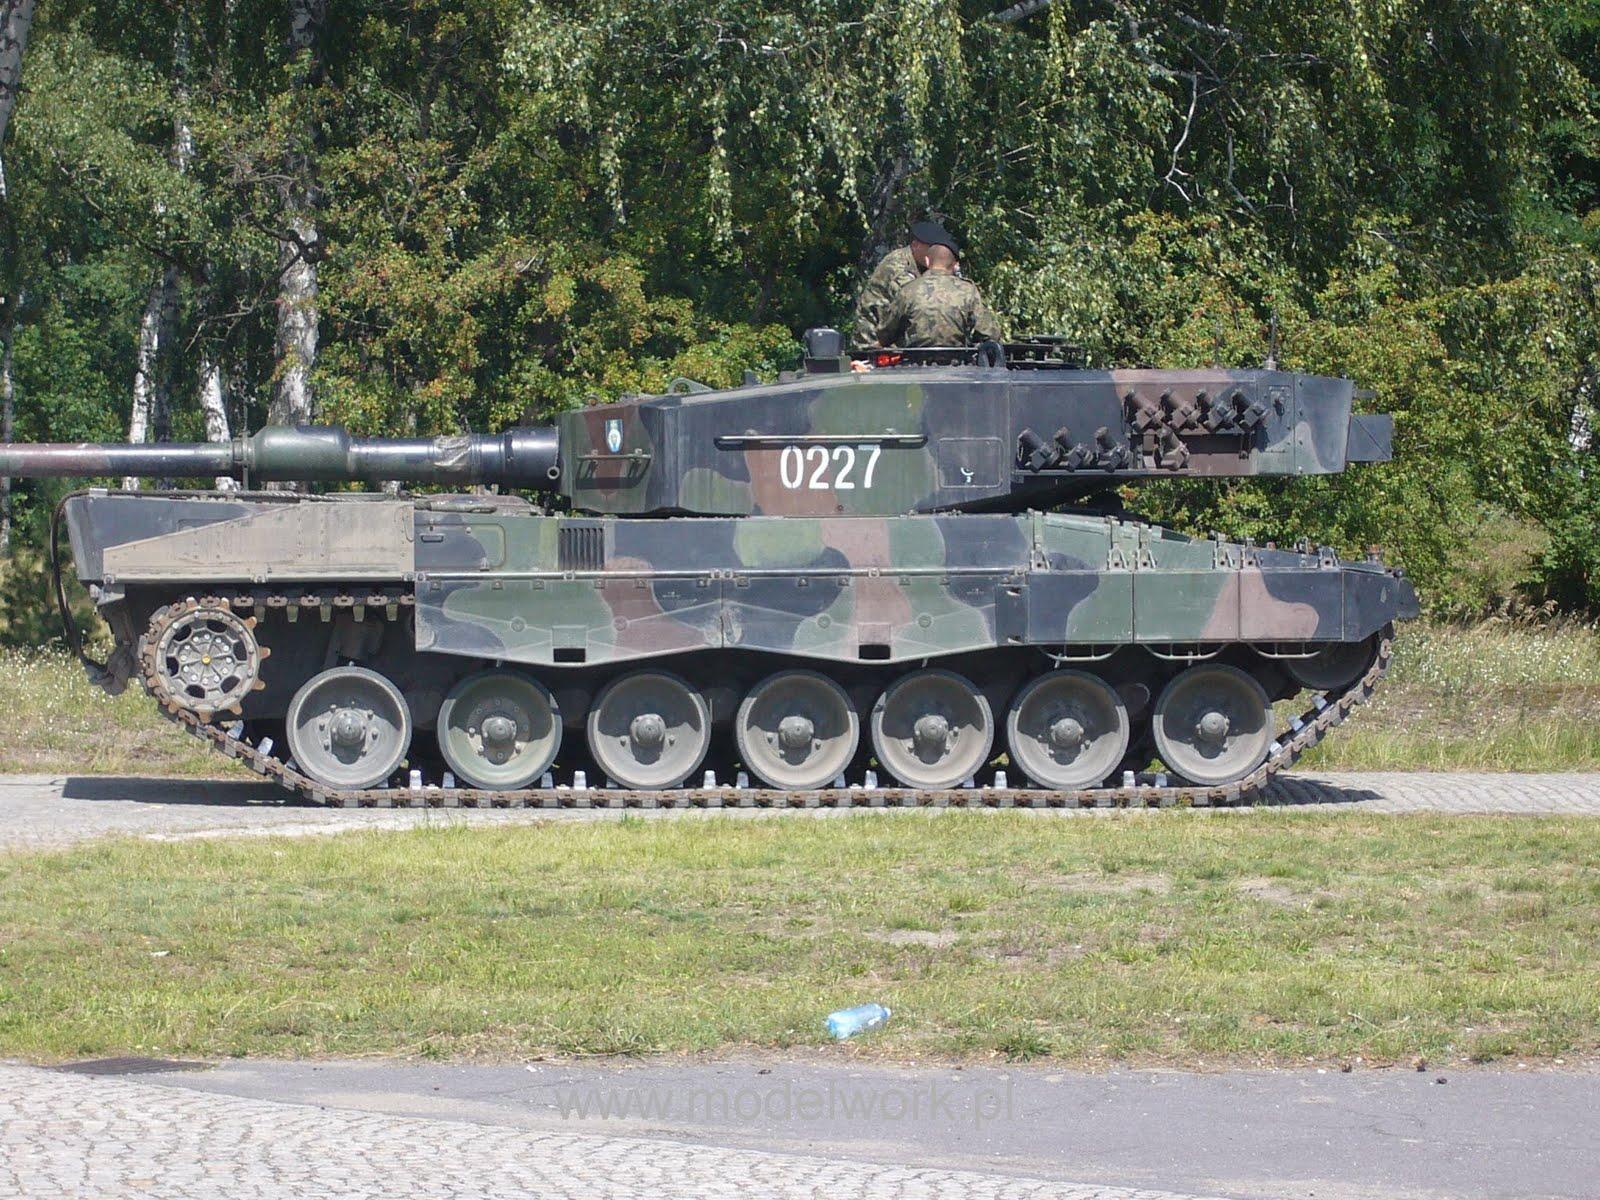 Les Forces Armées Polonaises/Polish Armed Forces - Page 2 Leopard+2+A4+%25284%2529